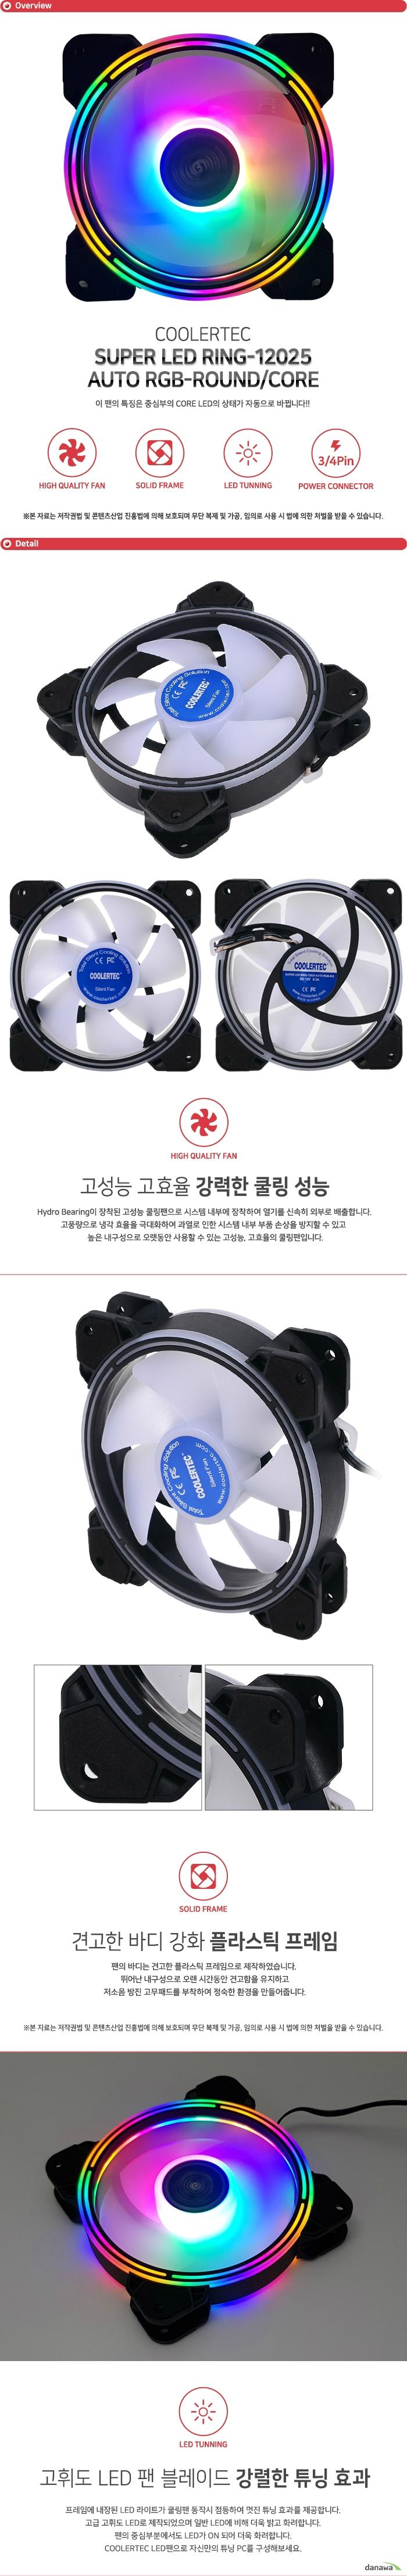 SUPER LED RING-12025 AUTO RGB-R/C Hydro Bearing이 장착된 고성능 쿨링팬으로 시스템 내부에 장착하여 열기를 신속히 외부로 배출합니다. 고풍량으로 냉각 효율을 극대화하여 과열로 인한 시스템 내부 부품 손상을 방지할 수 있고 높은 내구성으로 오랫동안 사용할 수 있는 고성능, 고효율의 쿨링팬입니다. 팬의 바디는 견고한 플라스틱 프레임으로 제작하였습니다. 뛰어난 내구성으로 오랜 시간동안 견고함을 유지하고 저소음 방진 고무패드를 부착하여 정숙한 환경을 만들어줍니다. 프레임에 내장된 LED 라이트가 쿨링팬 동작시 점등하여 멋진 튜닝 효과를 제공합니다. 고급 고휘도 LED로 제작되었으며 일반 LED에 비해 더욱 밝고 화려합니다. 팬의 중심부분에서도 LED가 ON 되어 더욱 화려합니다. COOLERTEC LED팬으로 자신만의 튜닝 PC를 구성해보세요. 파워 서플라이 커넥터에 자유롭게 이용할 수 있도록 3/4핀 전원 커넥터를 지원합니다. 뛰어난 호환성으로 모든 시스템에 사용 가능하며 팬에 설정된 최적의 RPM으로 동작합니다.